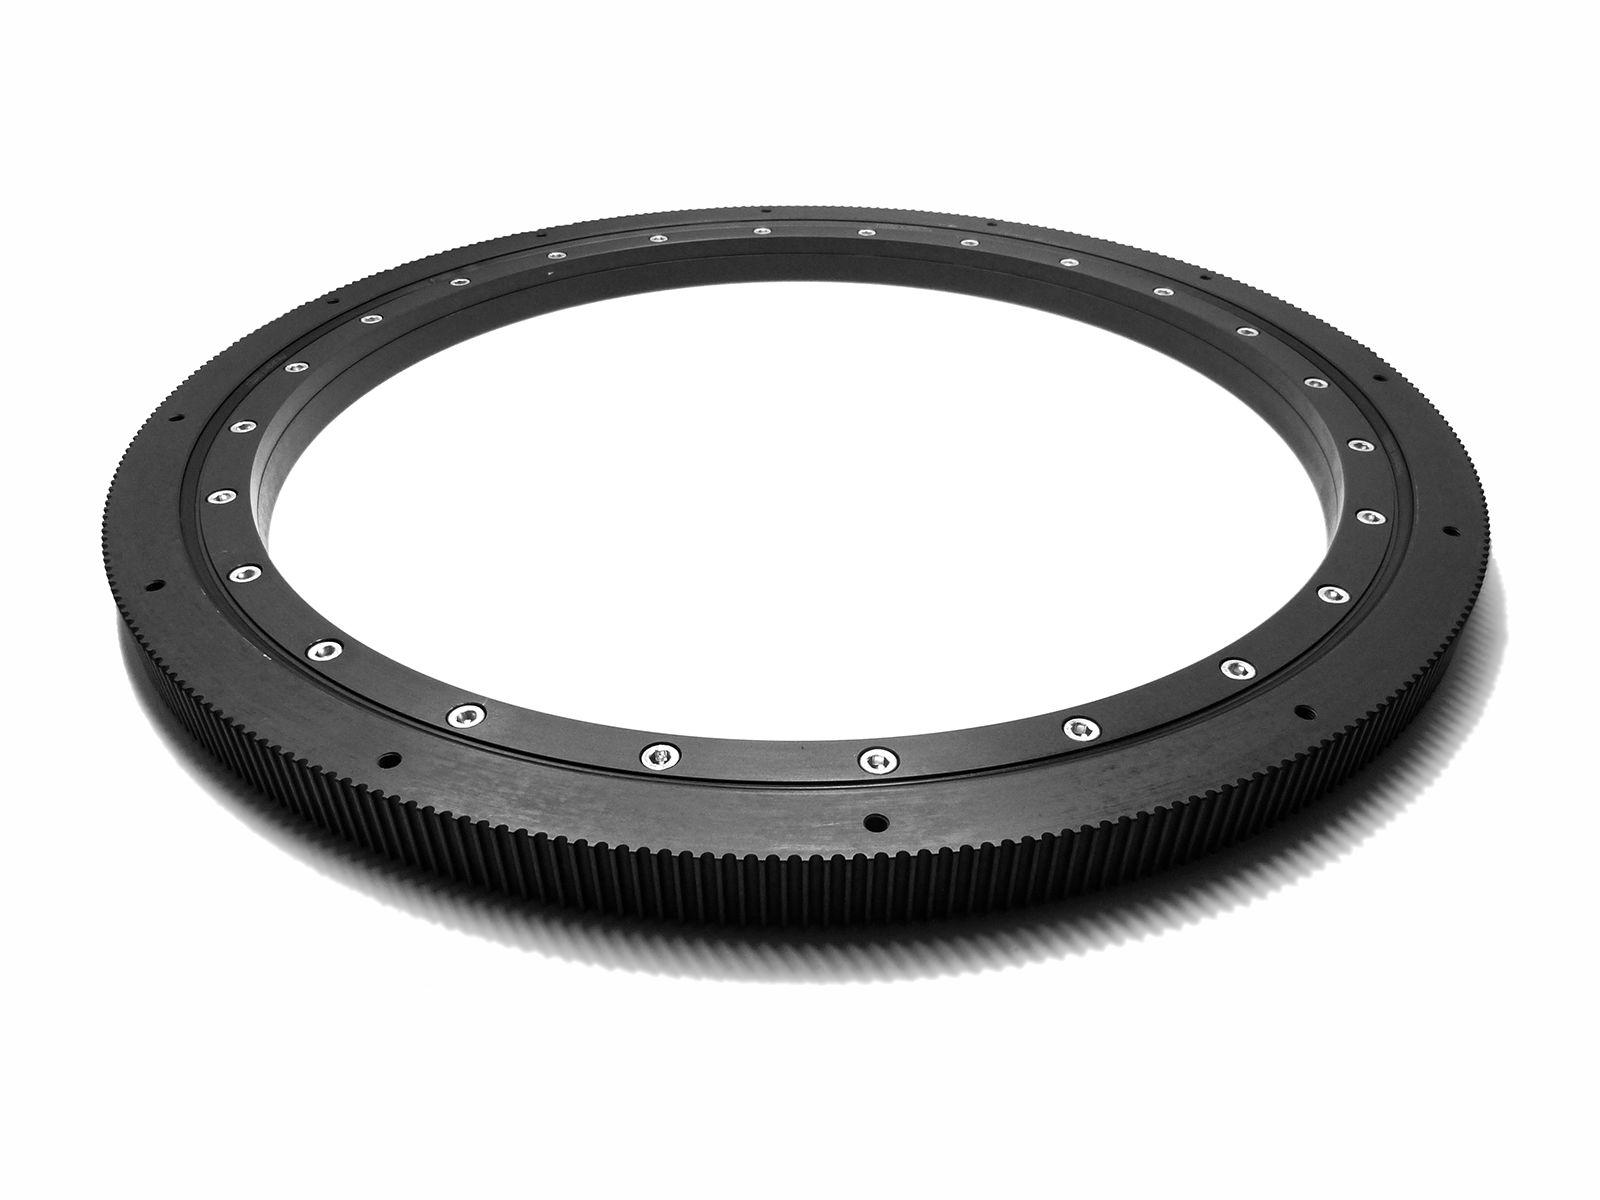 Cuscinetto in alluminio con diametro interno 650 mm ed anello esterno dentato per cinghia HTD 8M con anodizzazione dura